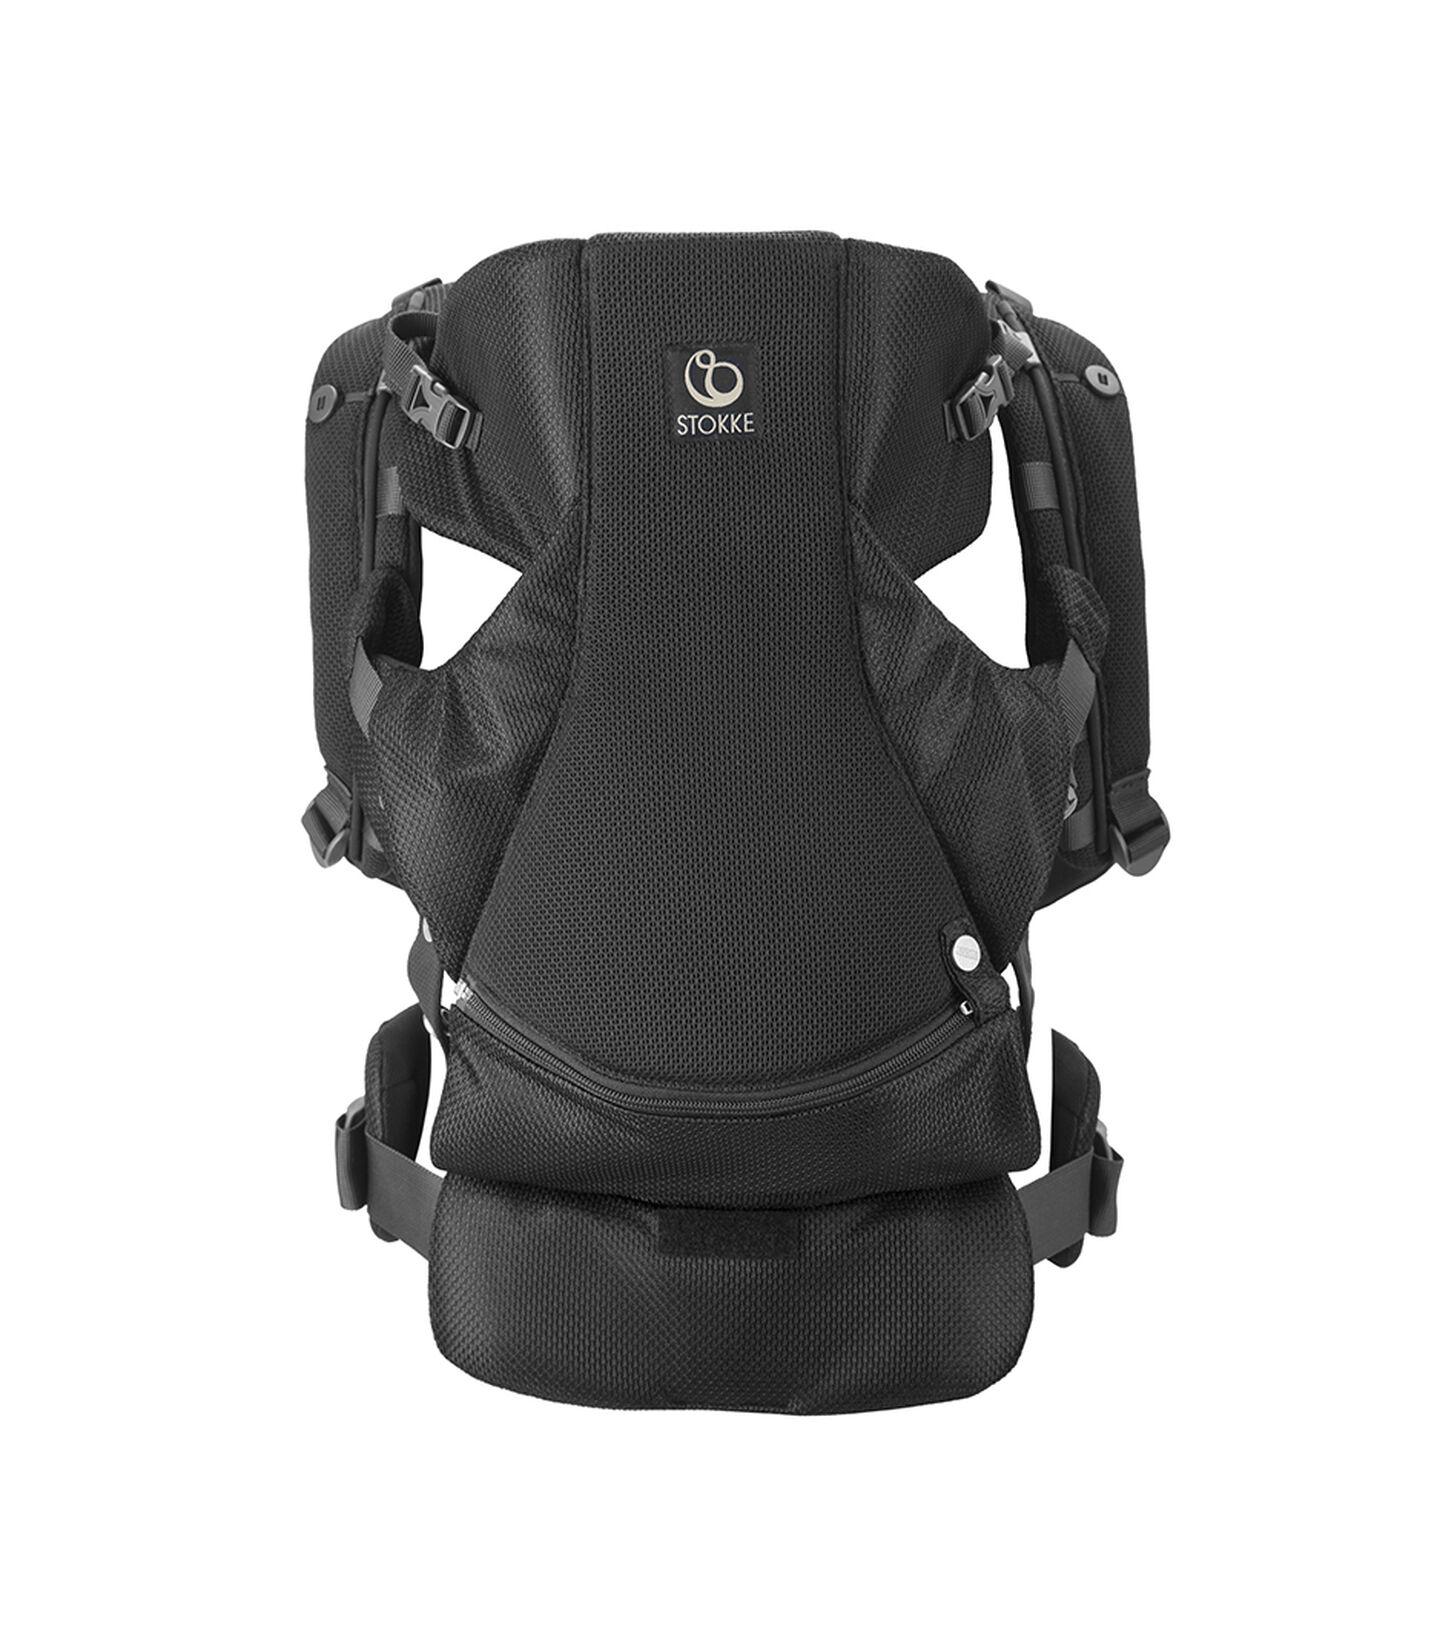 Porte-bébé ventral et dorsal Stokke® MyCarrier™ Black Mesh, Maille noire, mainview view 1